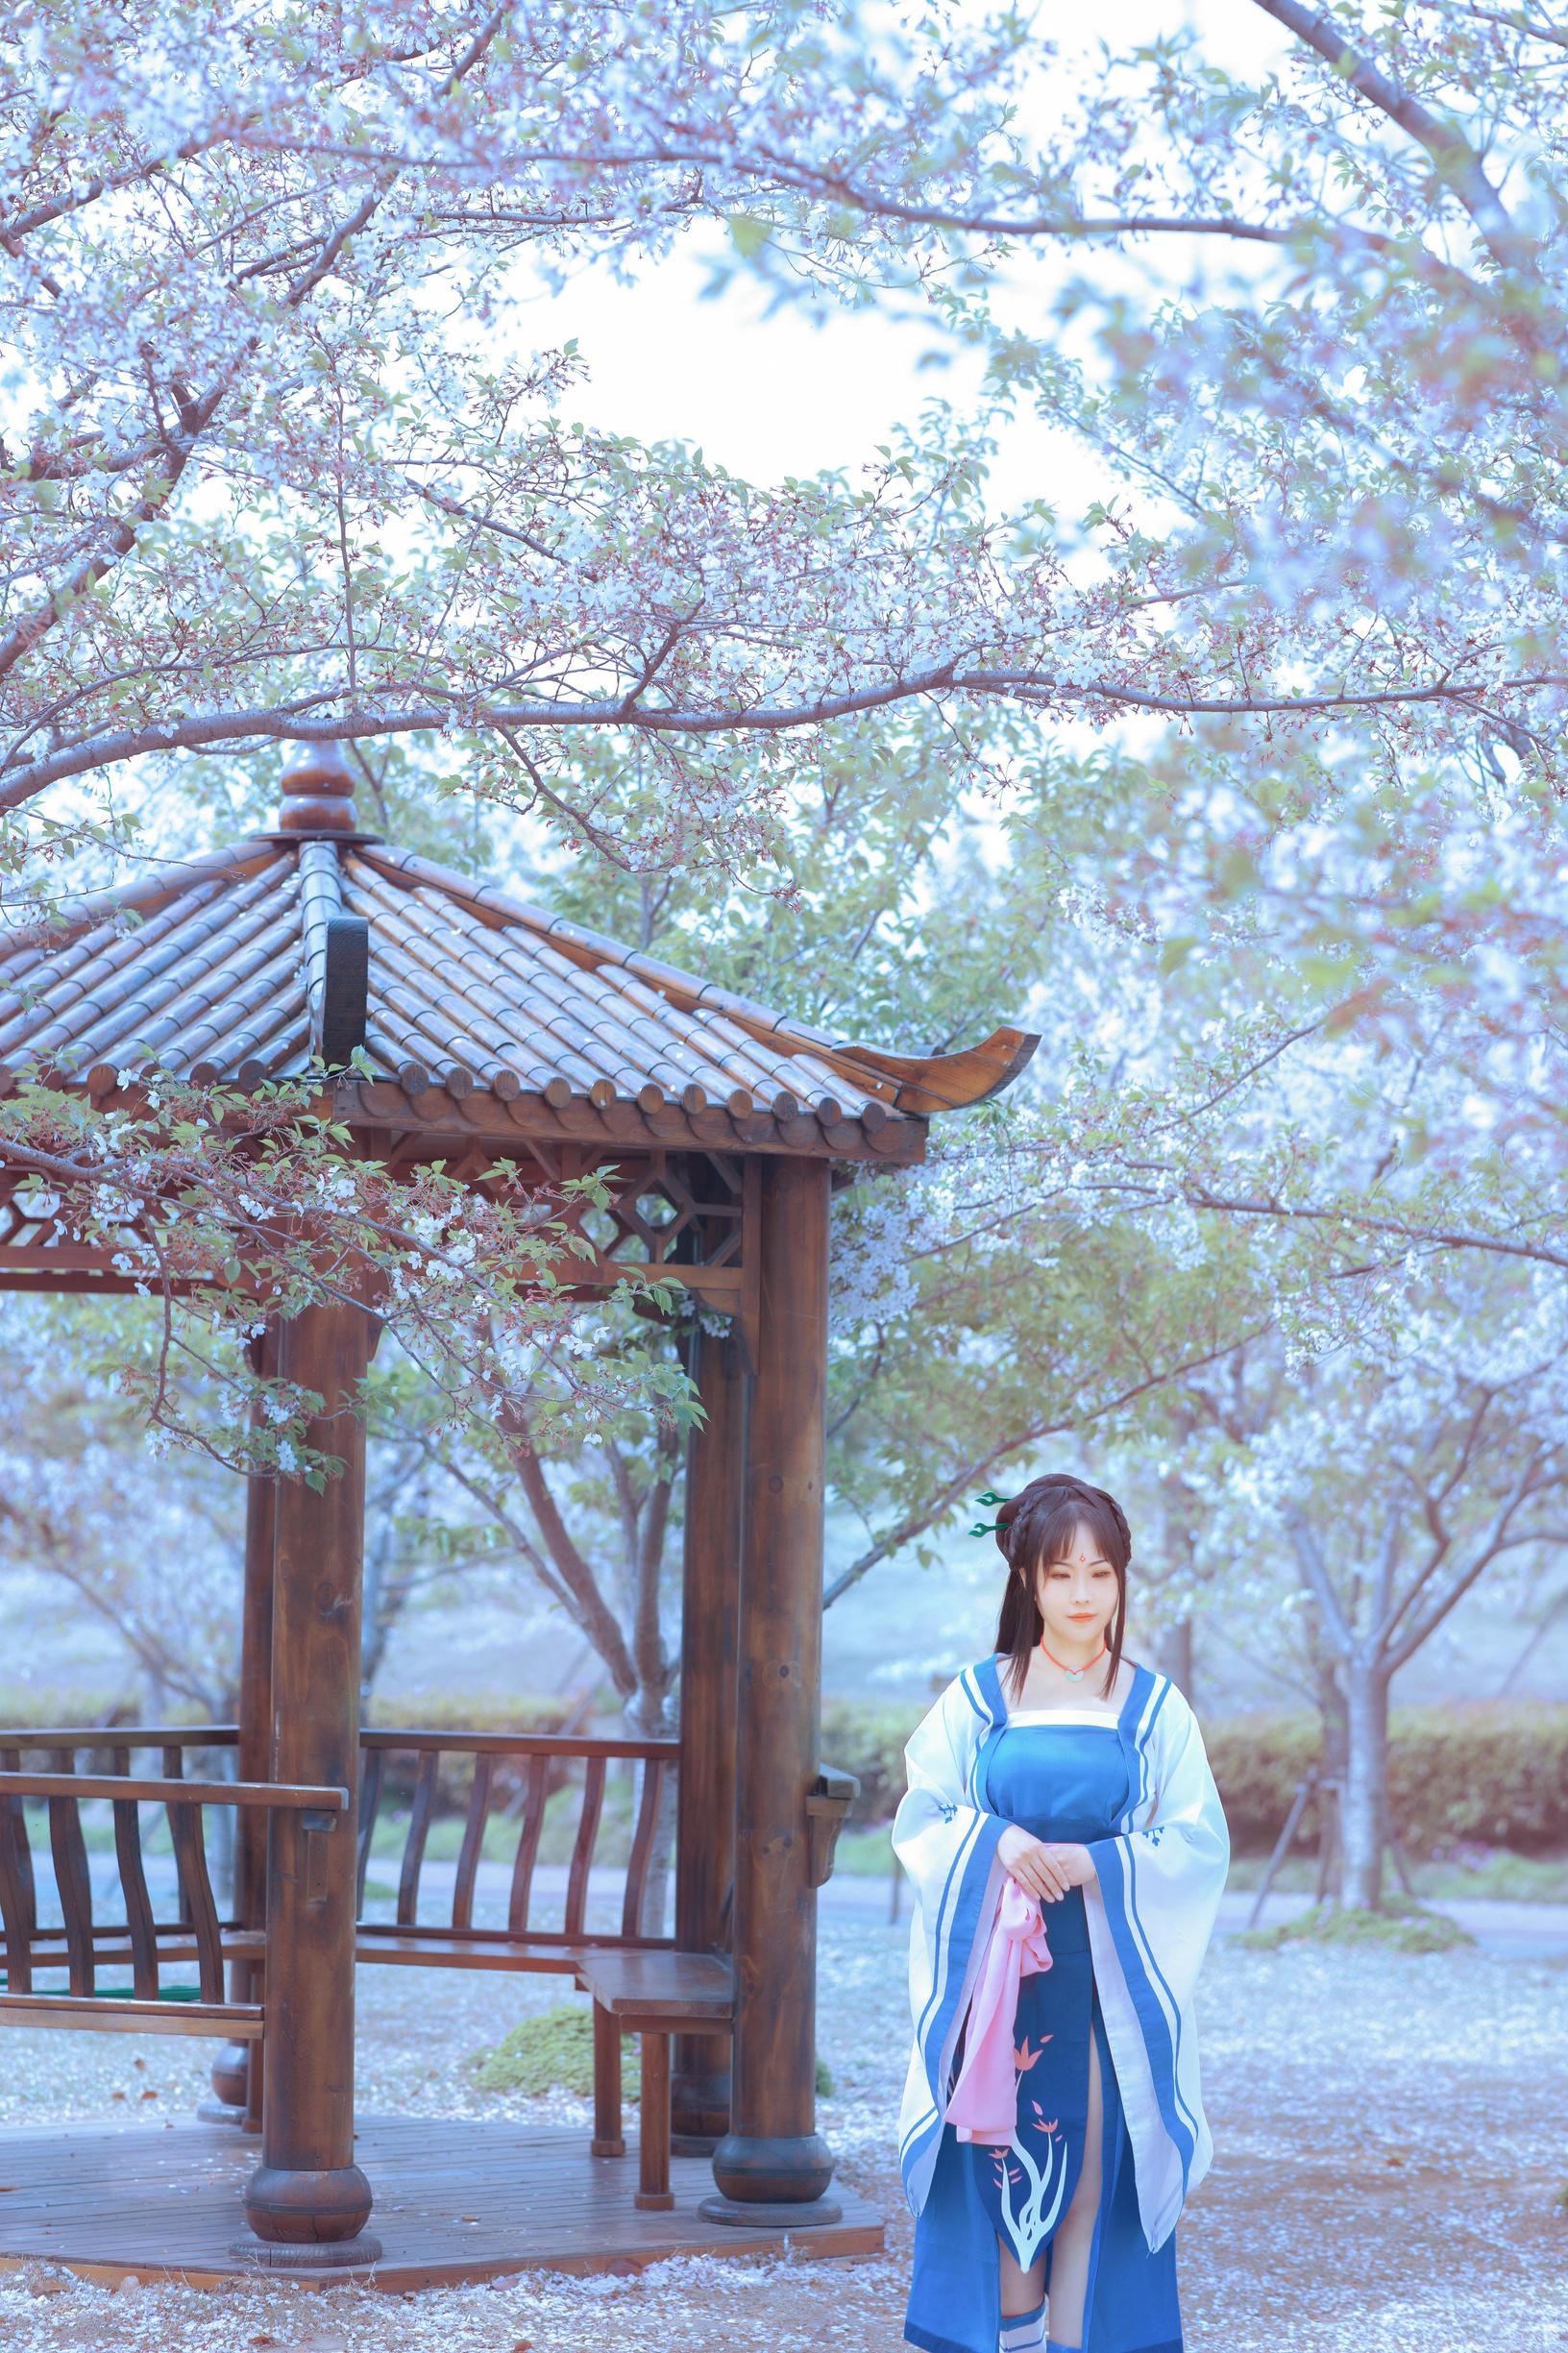 柳梦璃cosplay【CN:晗雅】-第5张